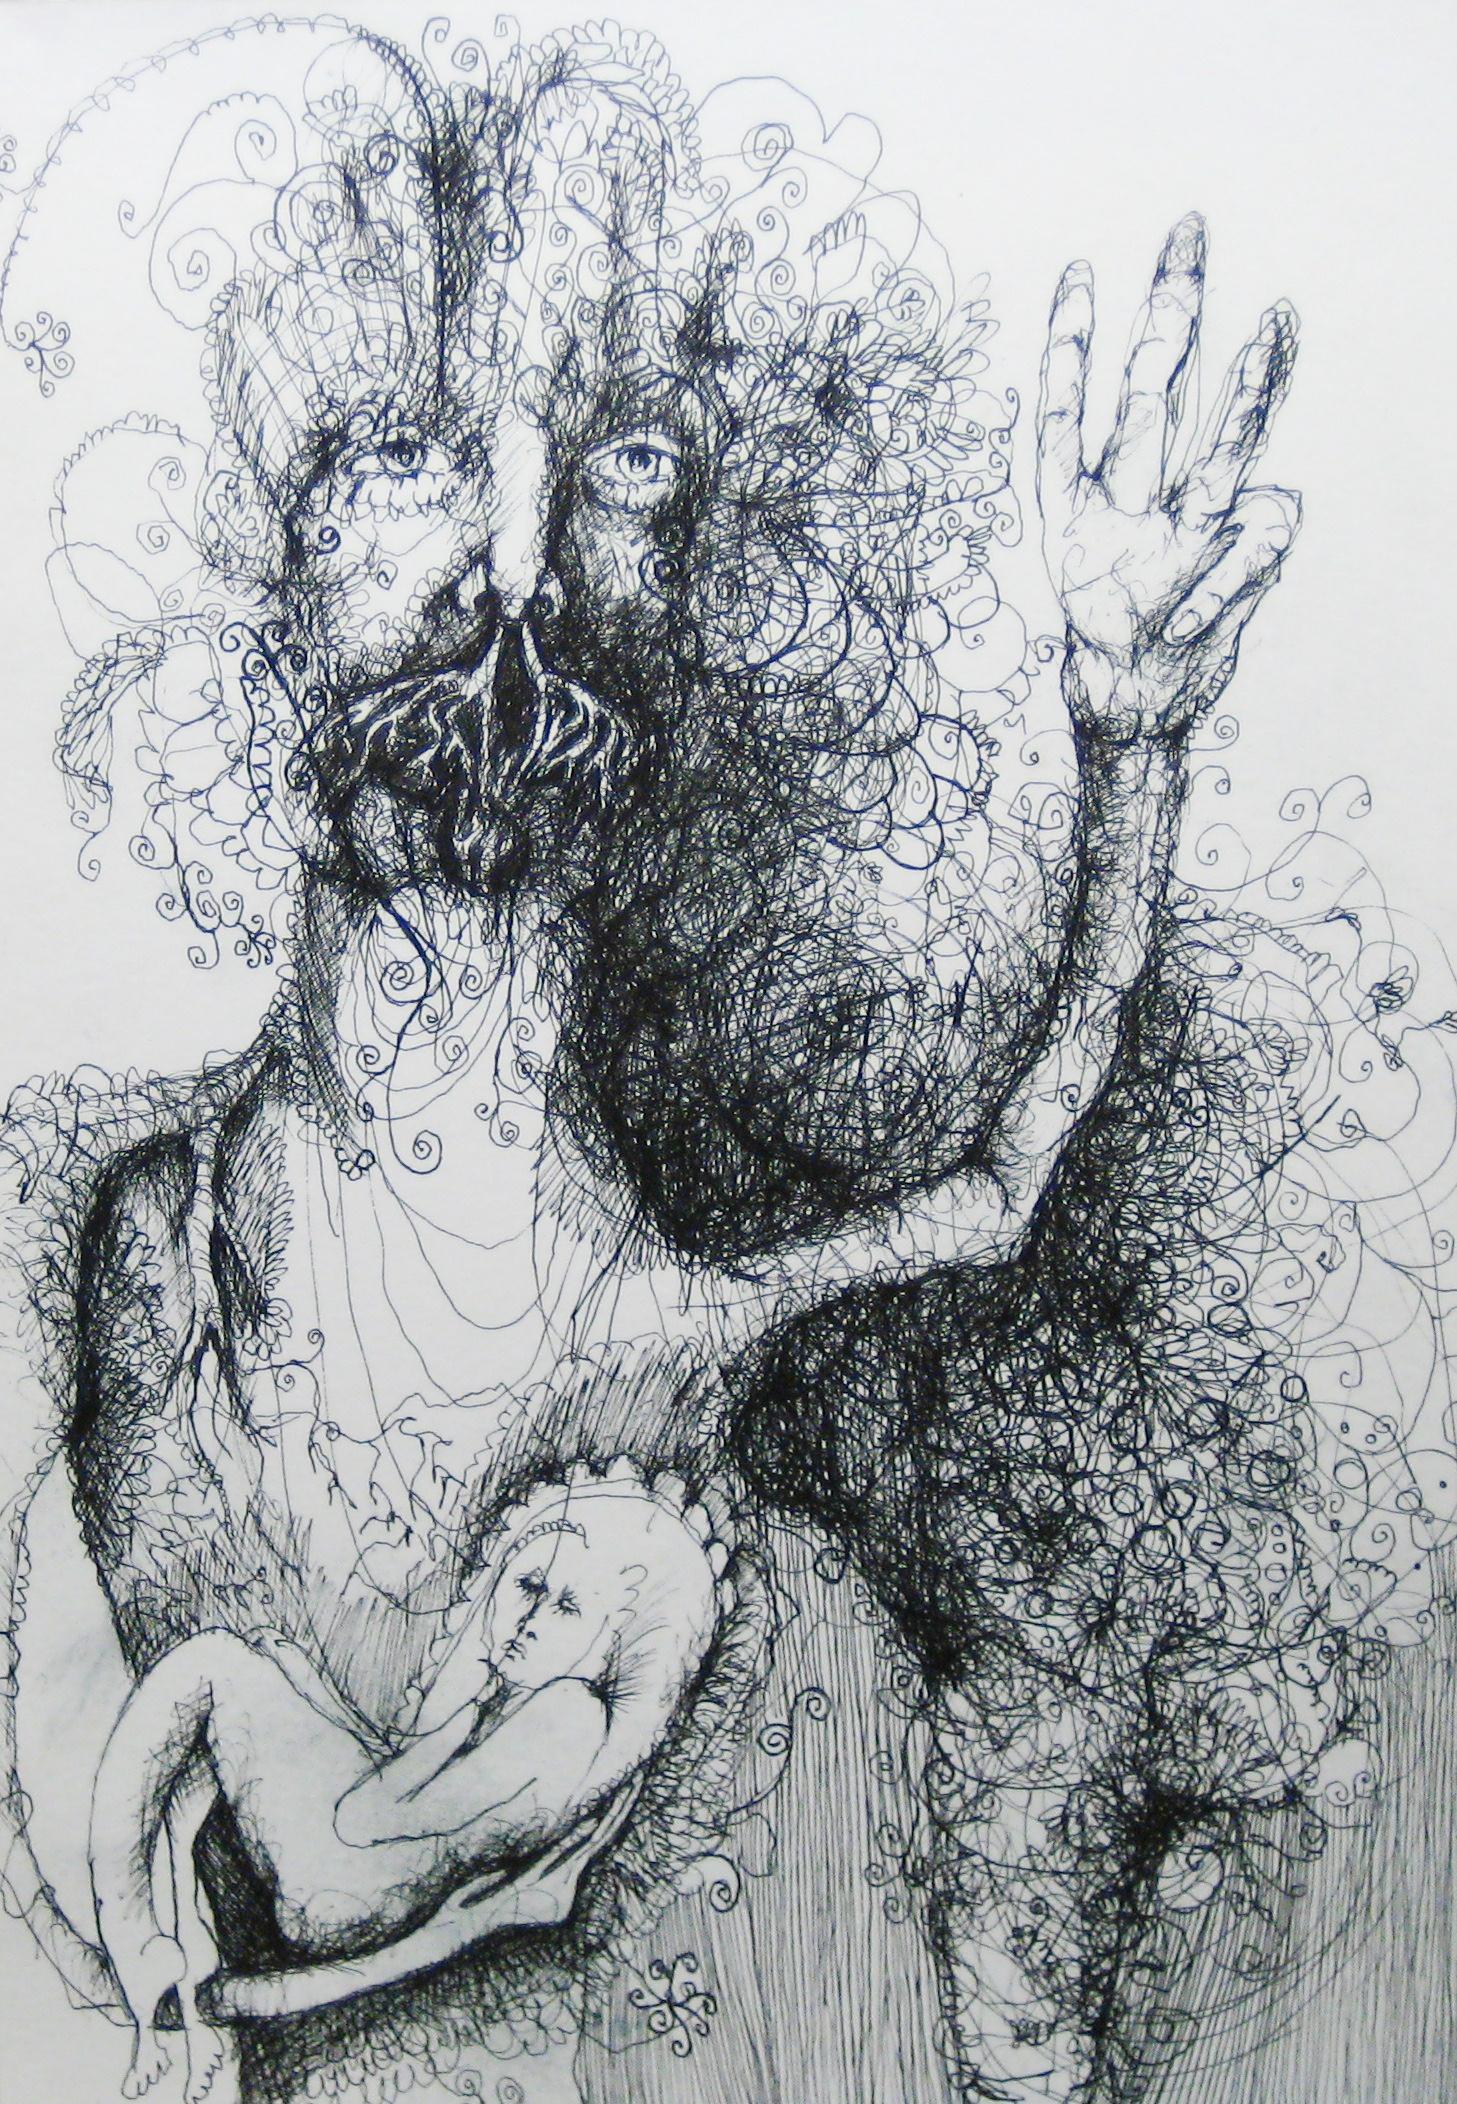 2012-Zeichnung-Sex-52-baby-schwanger-peace-Luisa-Pohlmann-Kunst-Berlin